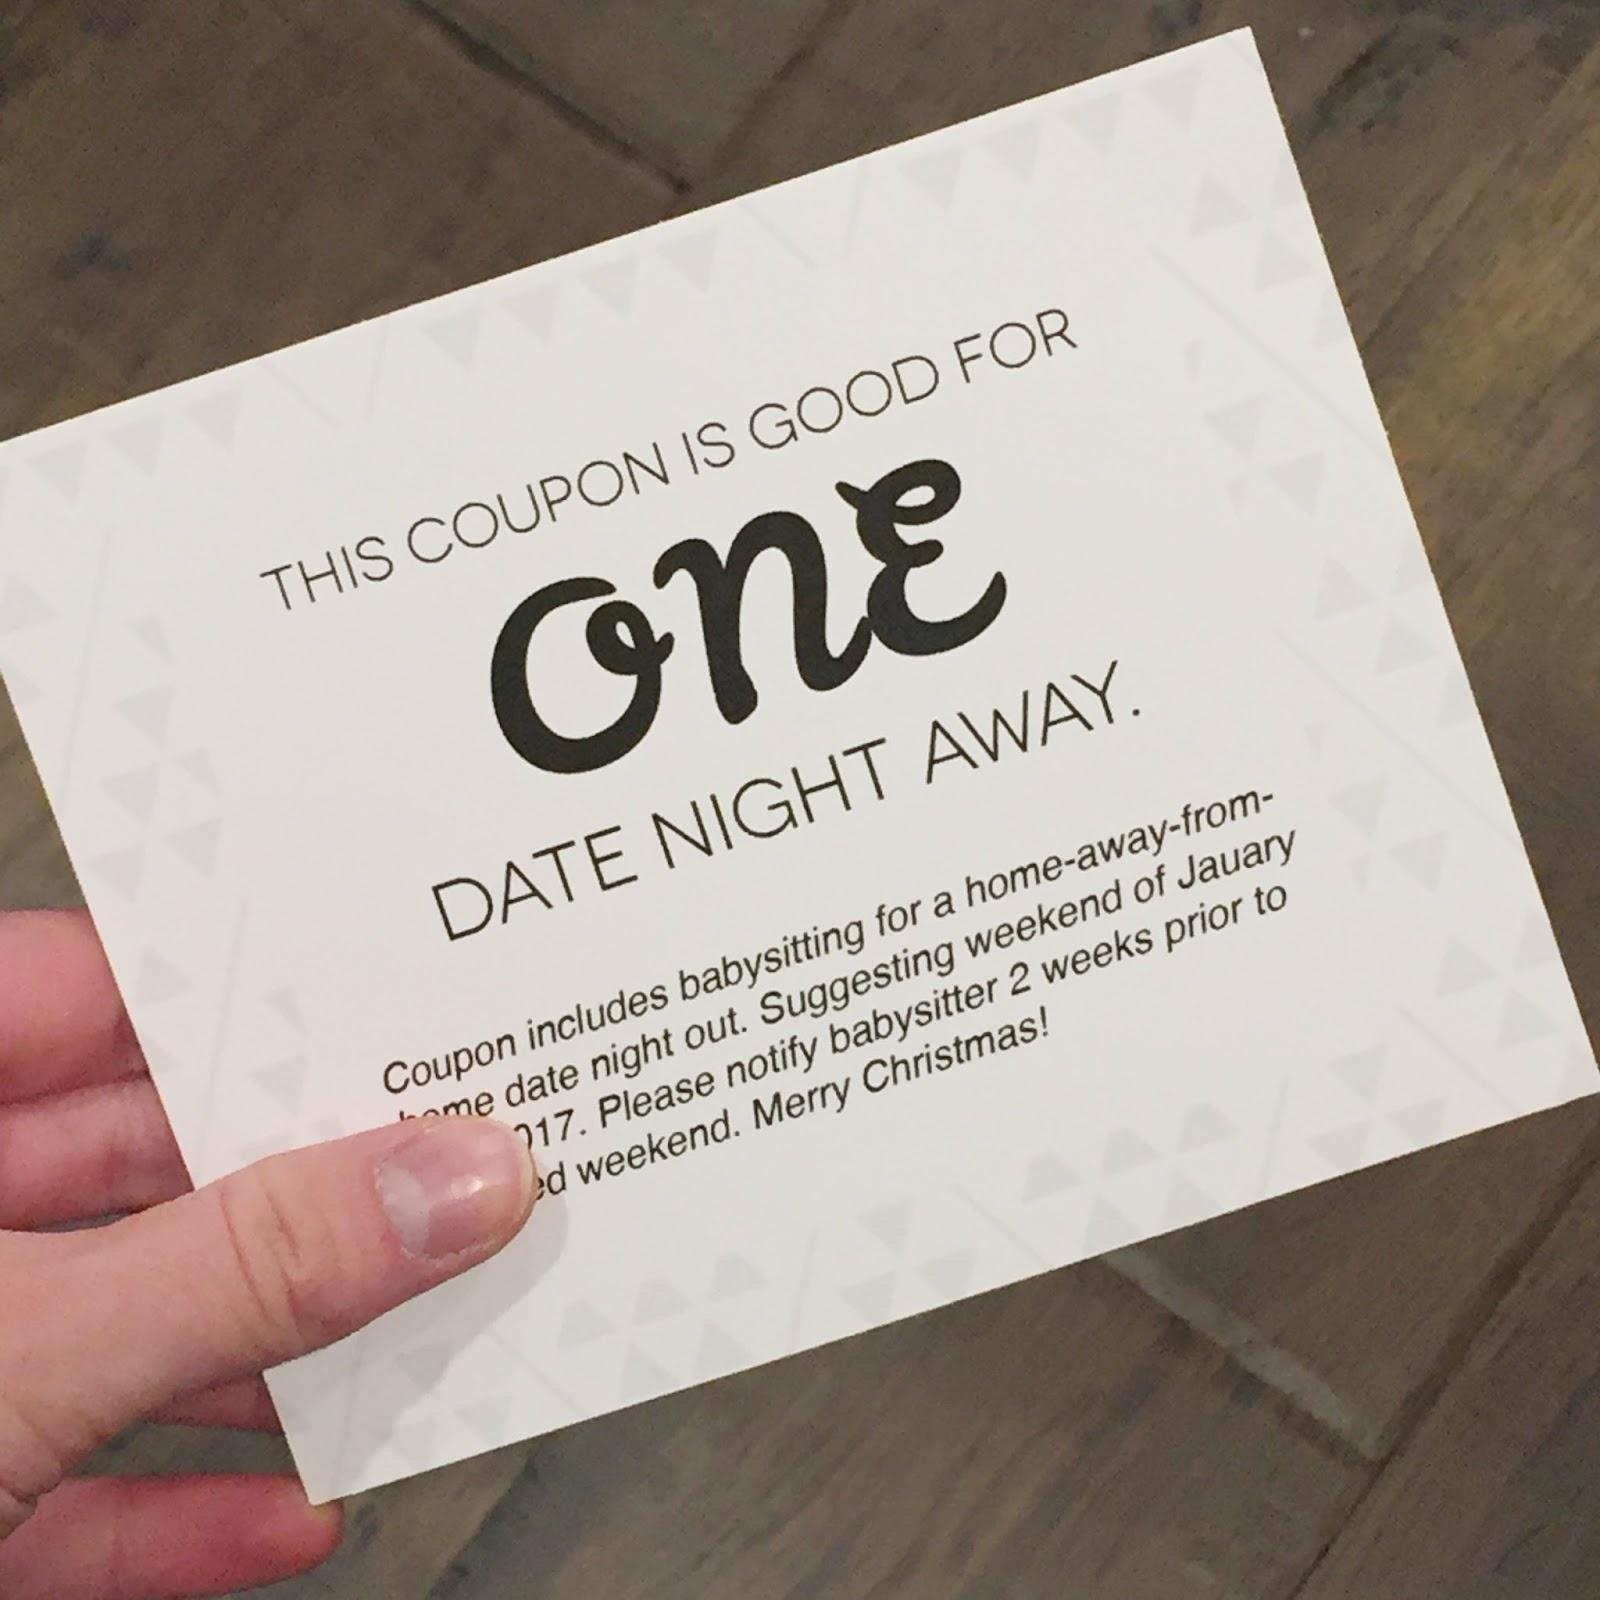 Christmas Coupon Gift - Free Printable! - Designstiffanyco - Free Printable Date Night Coupon